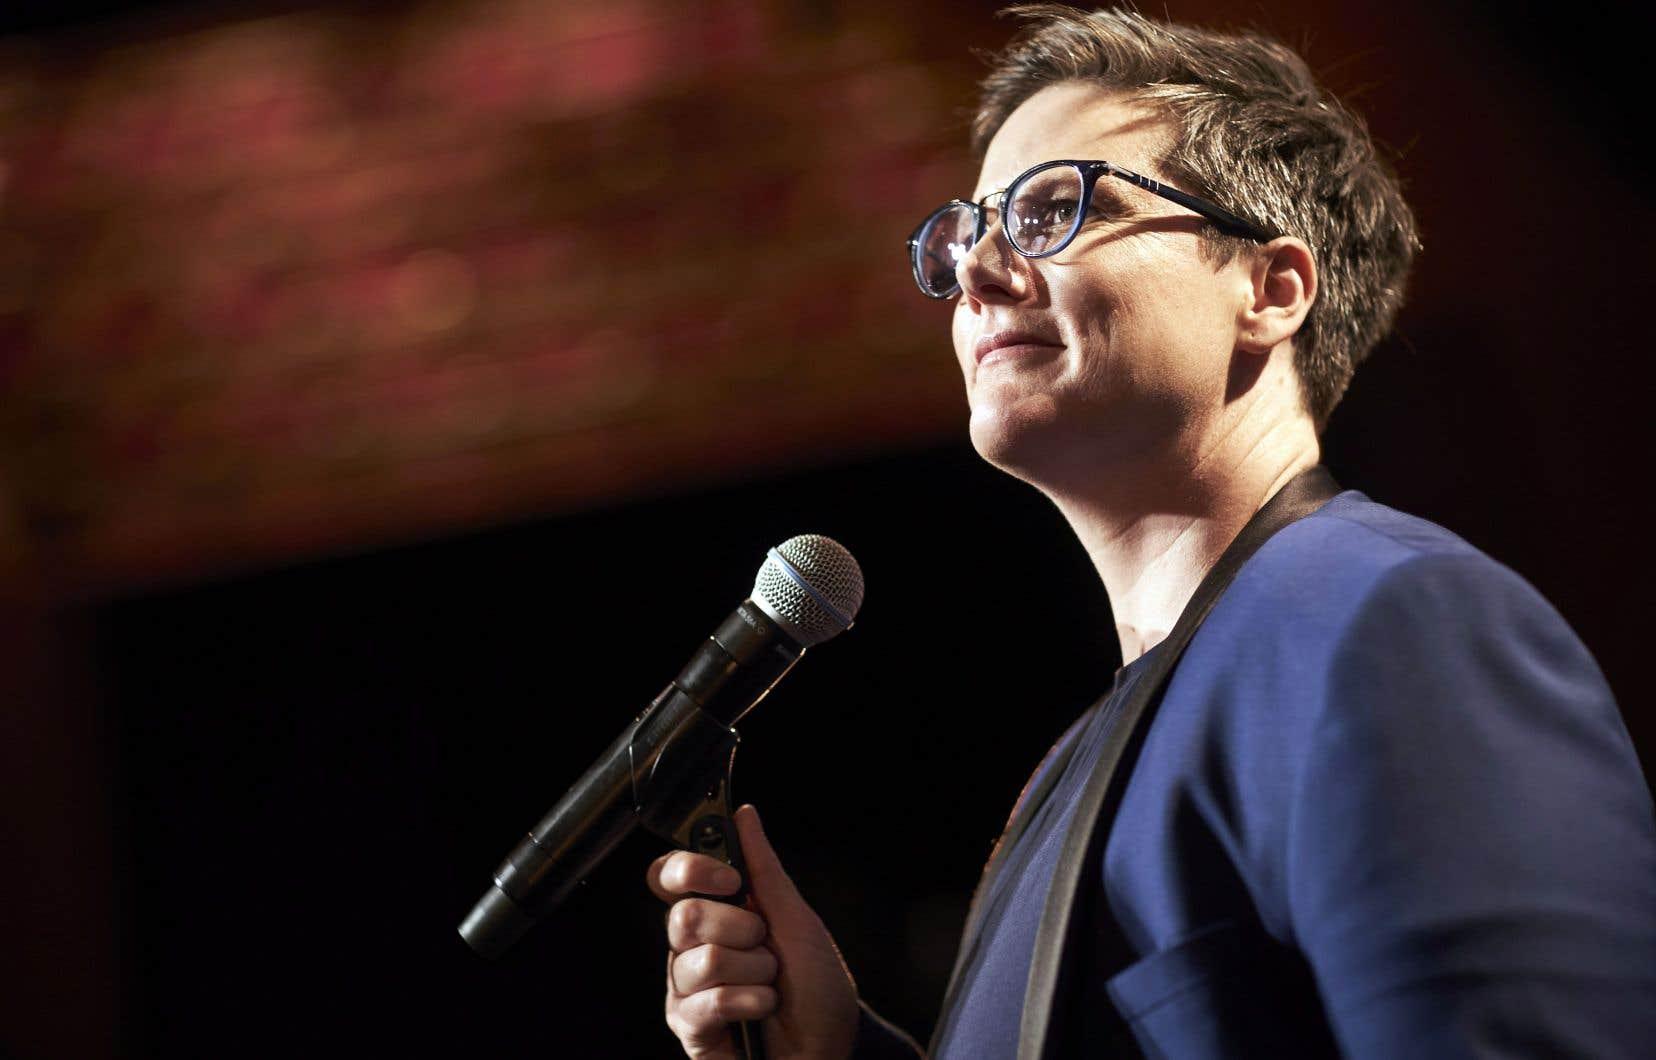 L'humoriste Hannah Gadsby sera à Montréal pour présenter une dernière fois son spectacle «Nanette» à l'Olympia, à l'invitation de Just for Laughs.